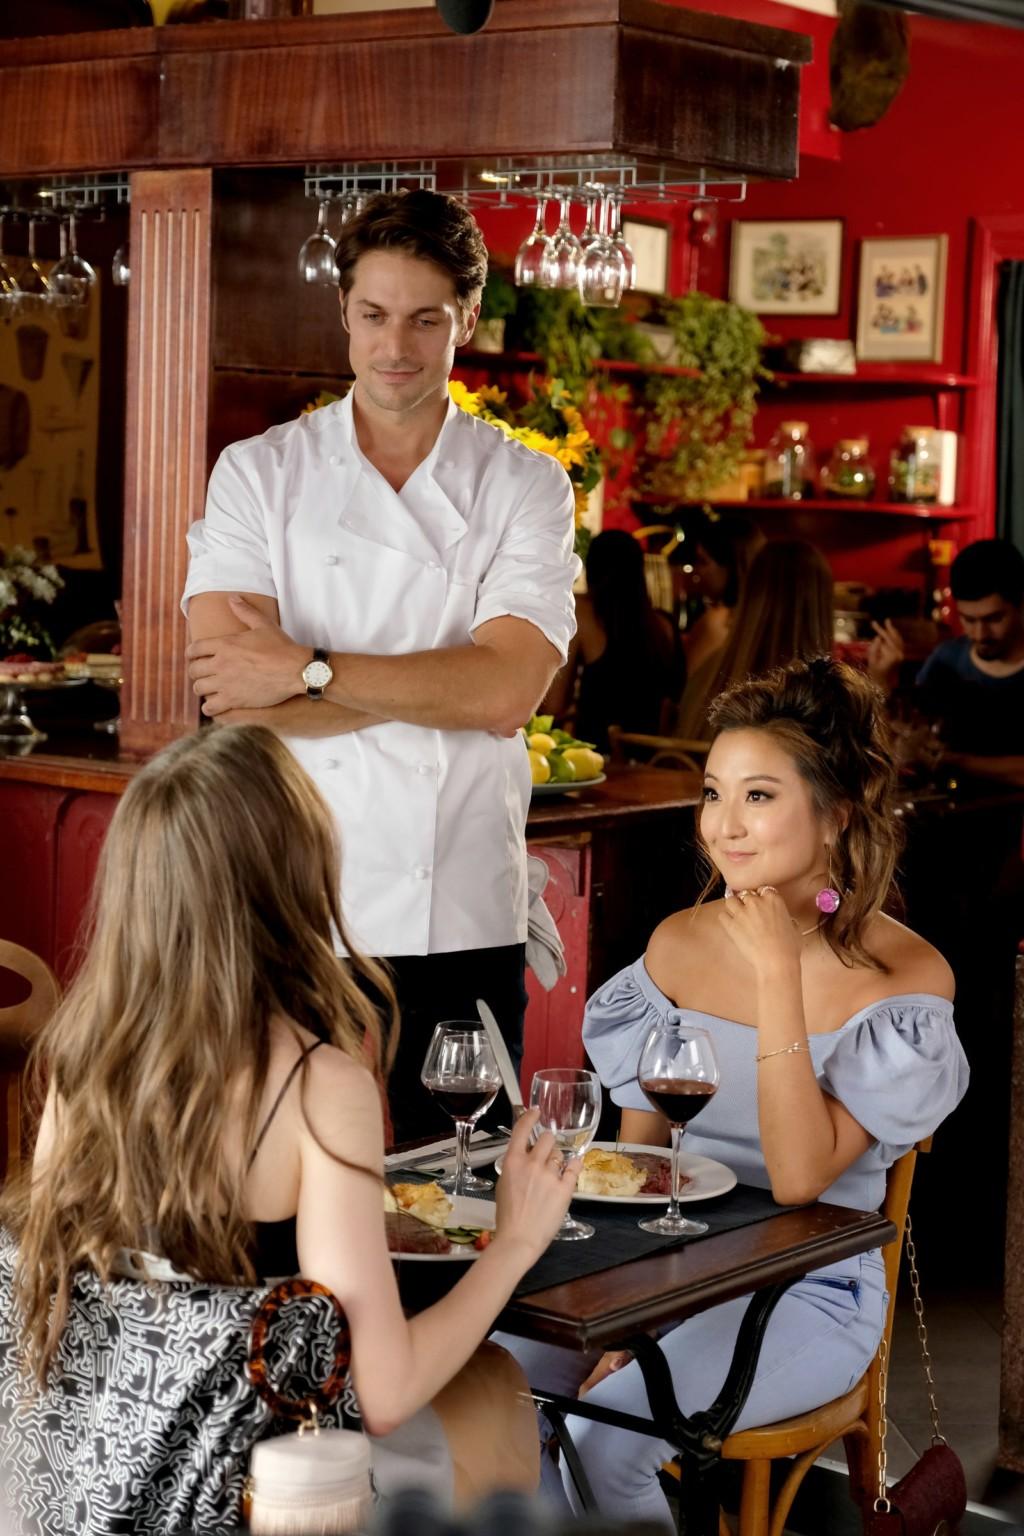 《艾蜜莉在巴黎》天菜大廚帥到暈船 自爆跟「劇中的她」私交超級好❤